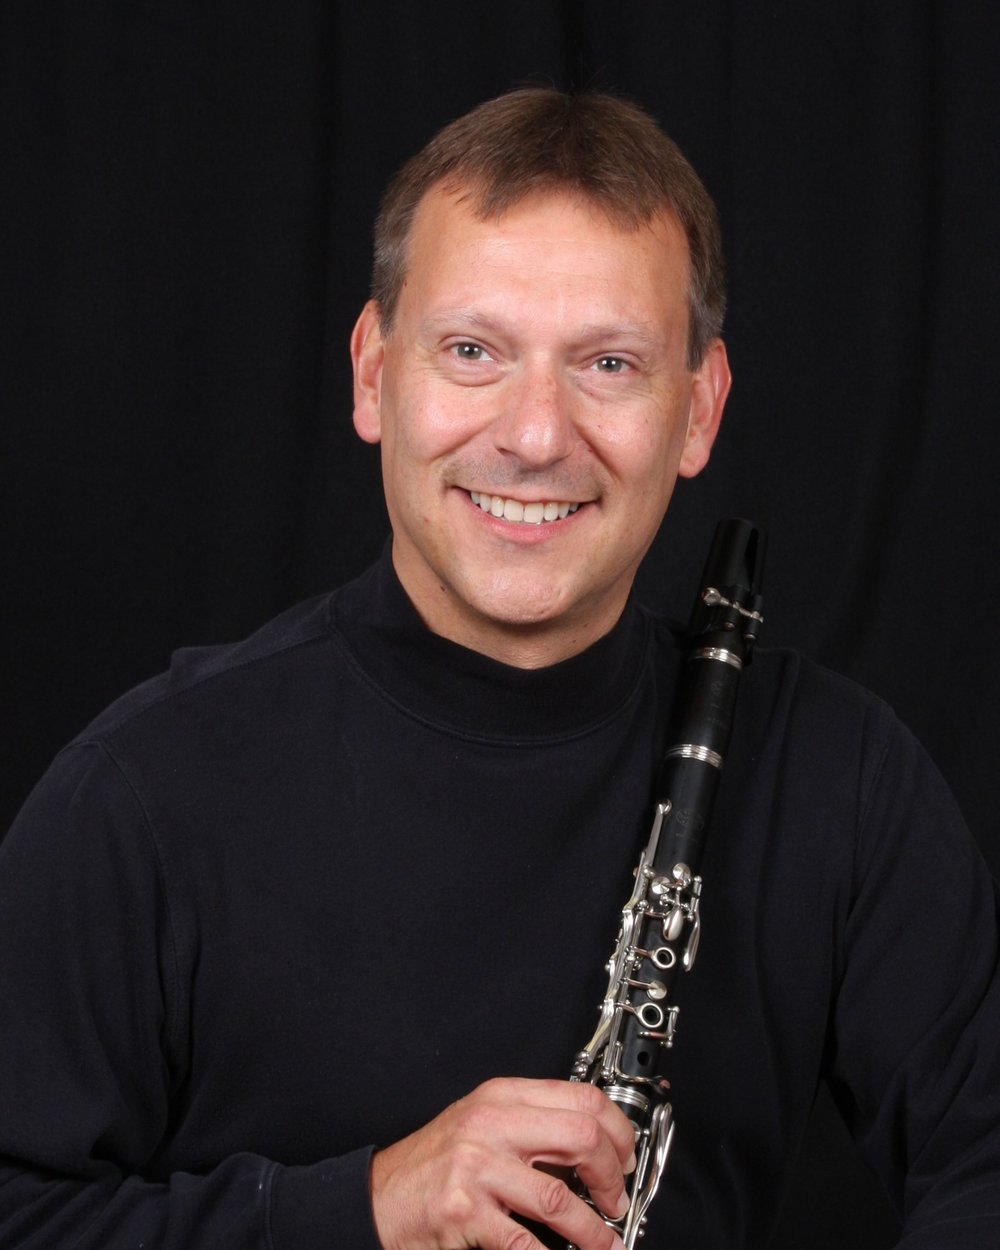 John Sadak, clarinet